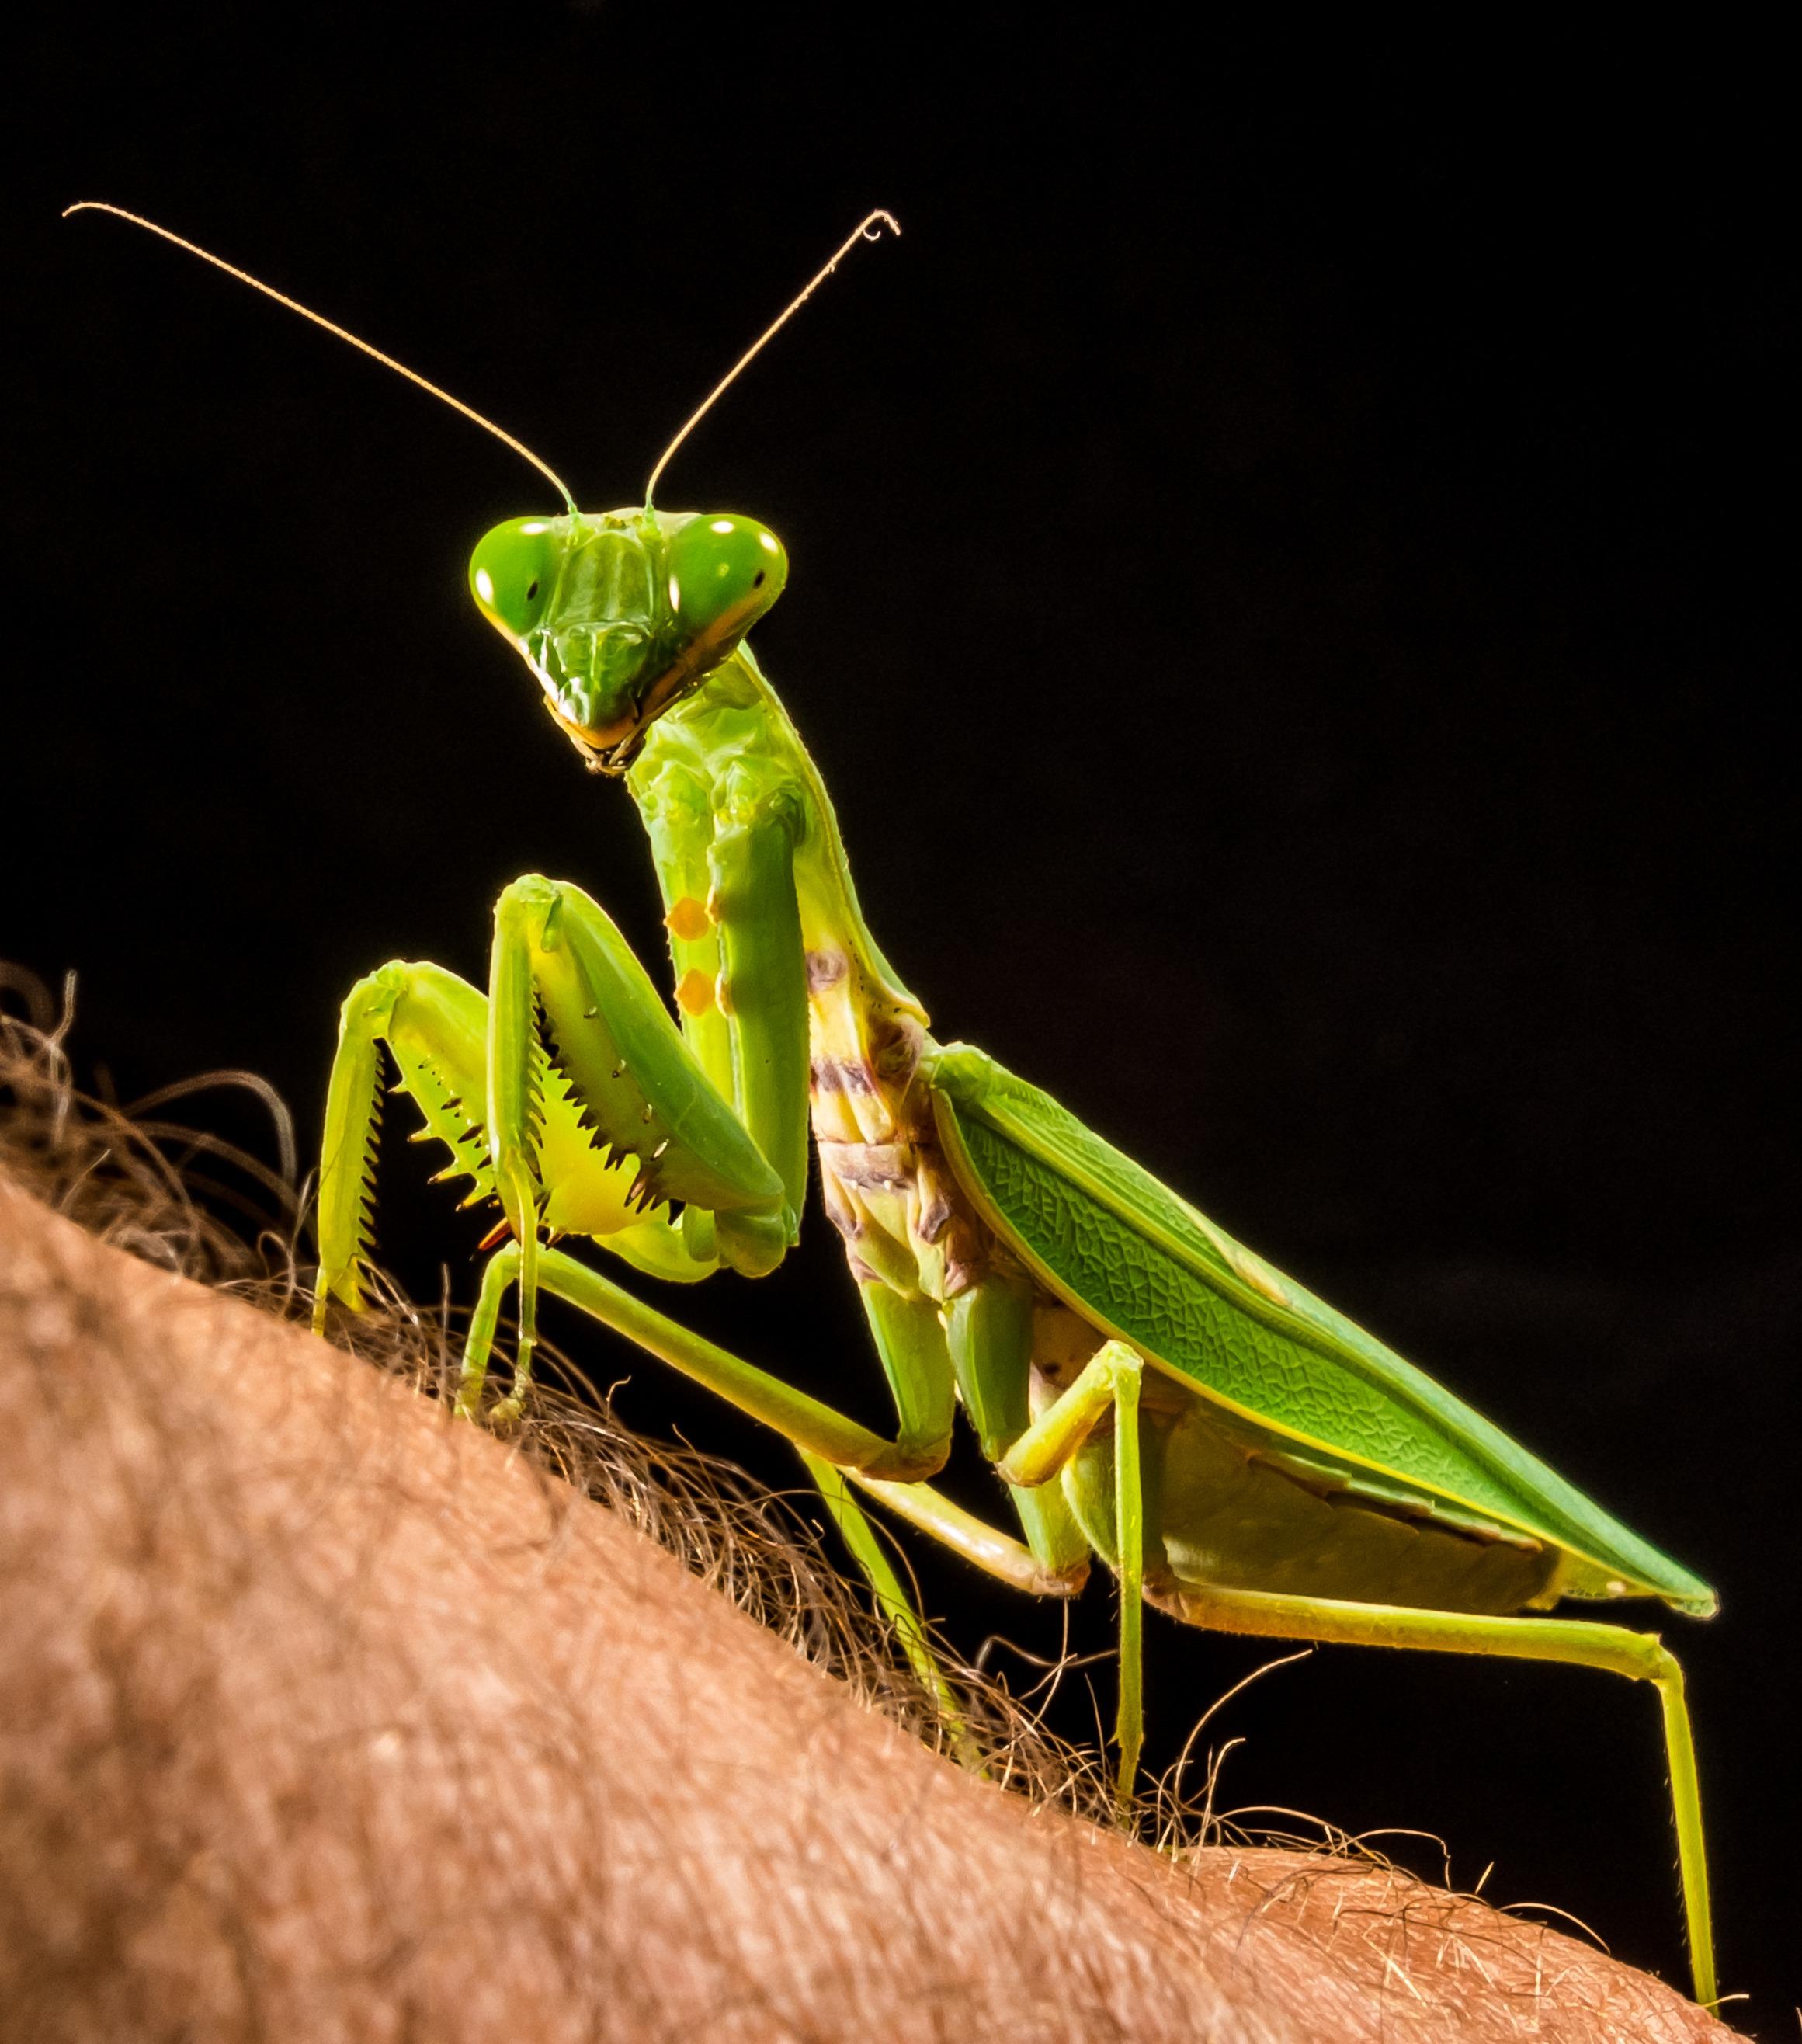 free images green praying mantis fauna invertebrate